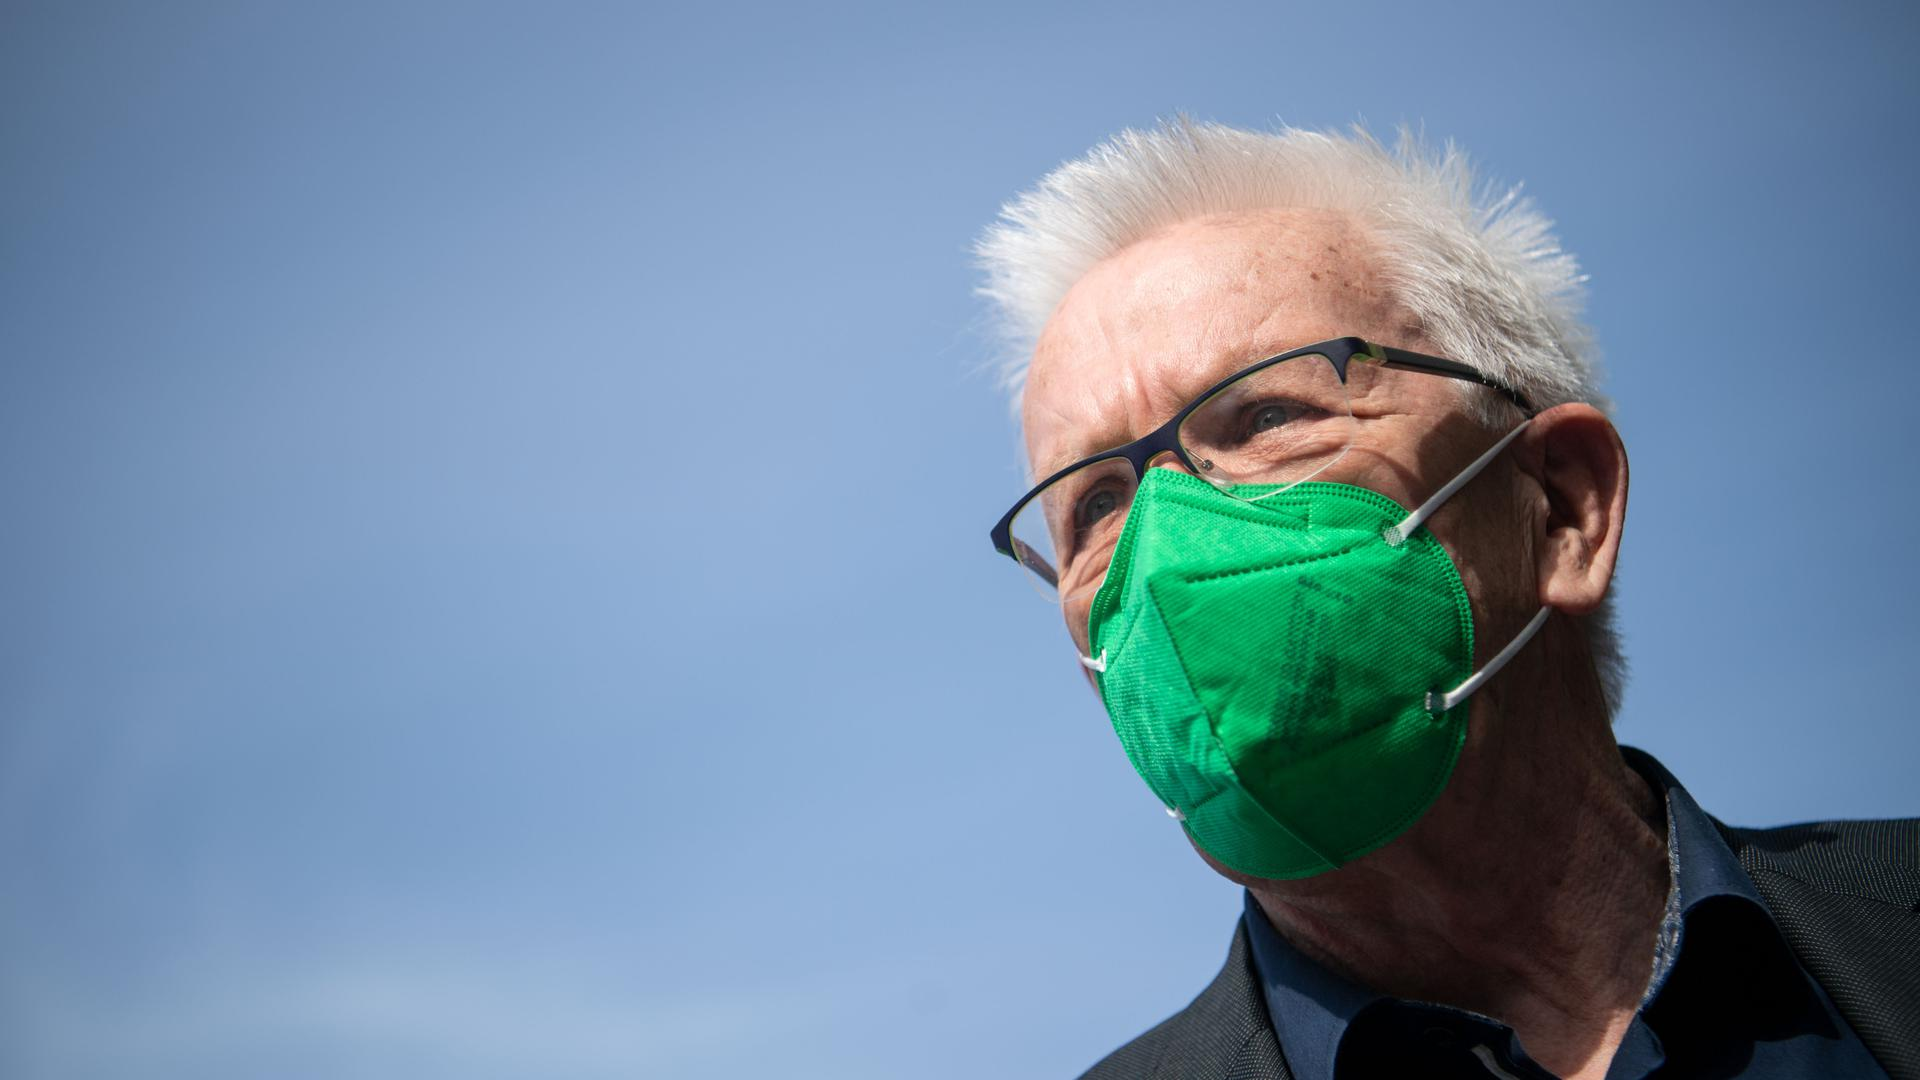 Winfried Kretschmann (Bündnis 90/Die Grünen), Ministerpräsident von Baden-Württemberg, kommt mit einer grünen FFP2-Maske zum Online-Parteitag von Bündnis 90/Die Grünen Baden-Württemberg. Es soll über den Koalitionsvertrag von Grünen und CDU debattiert und abgestimmt werden.